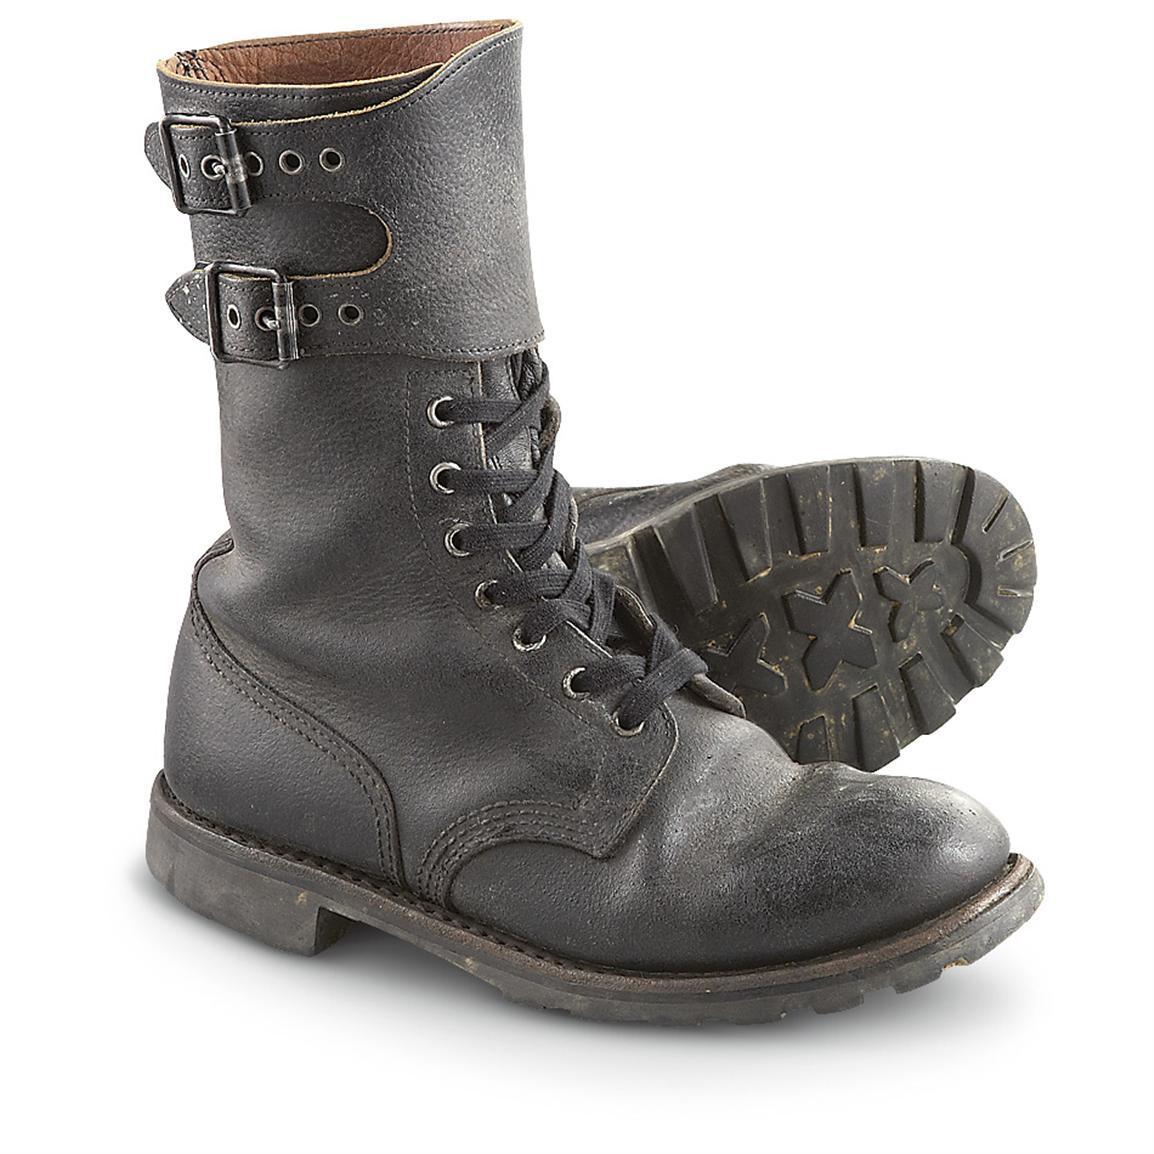 民 生品 ブーツ 安全 靴 など ...